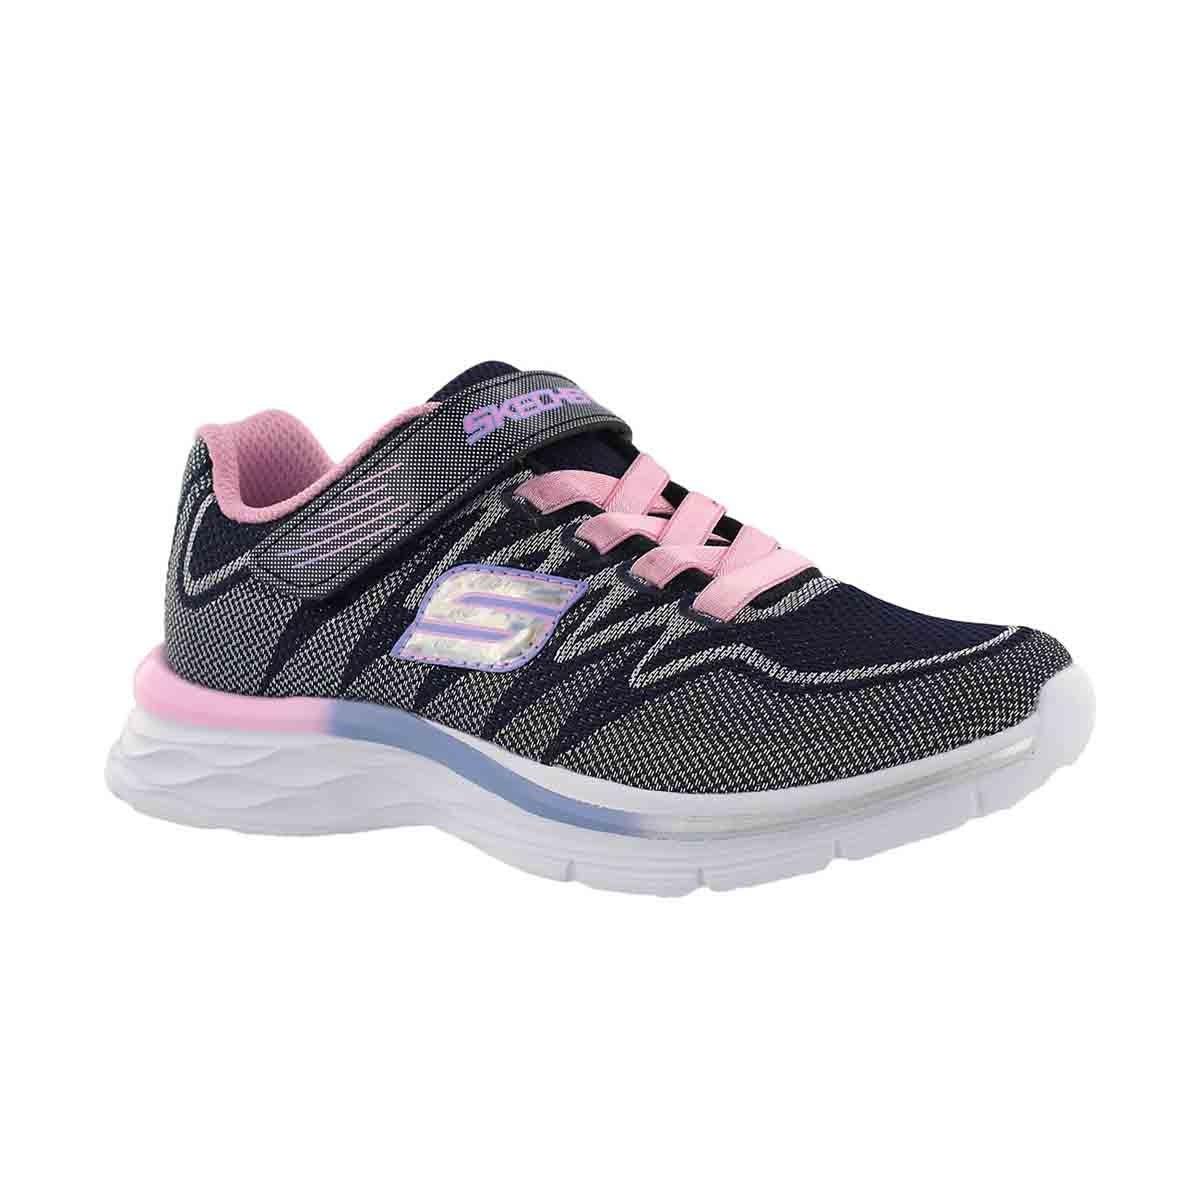 Girls' DREAM N' DASH navy/pink sneakers